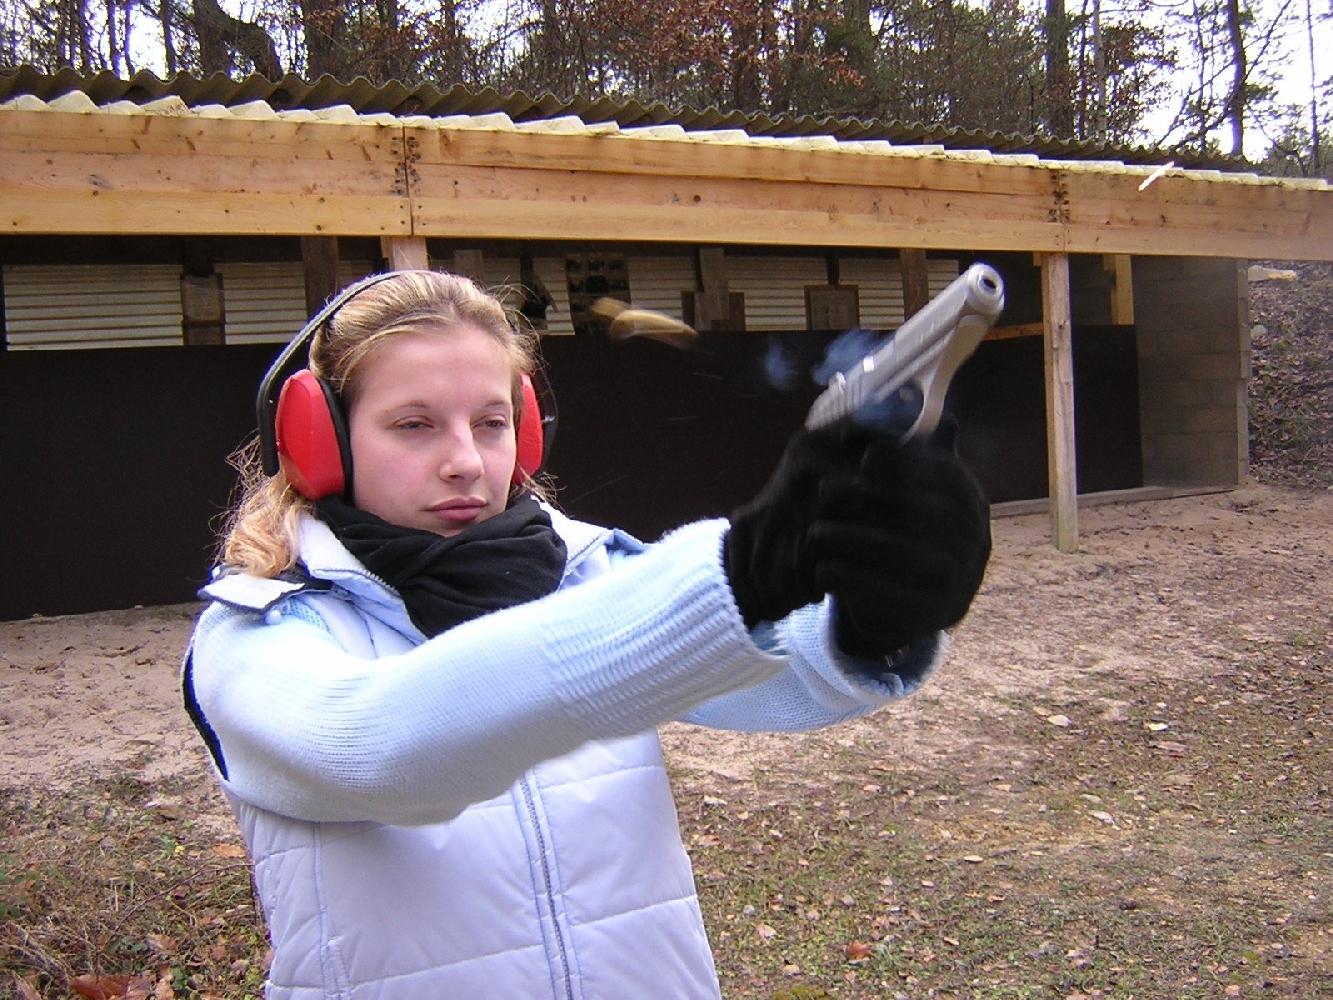 Tirée dans ce pistolet ultra compact, la cartouche de 9 mm court génère un recul sec, mais le relèvement du canon reste très modéré.